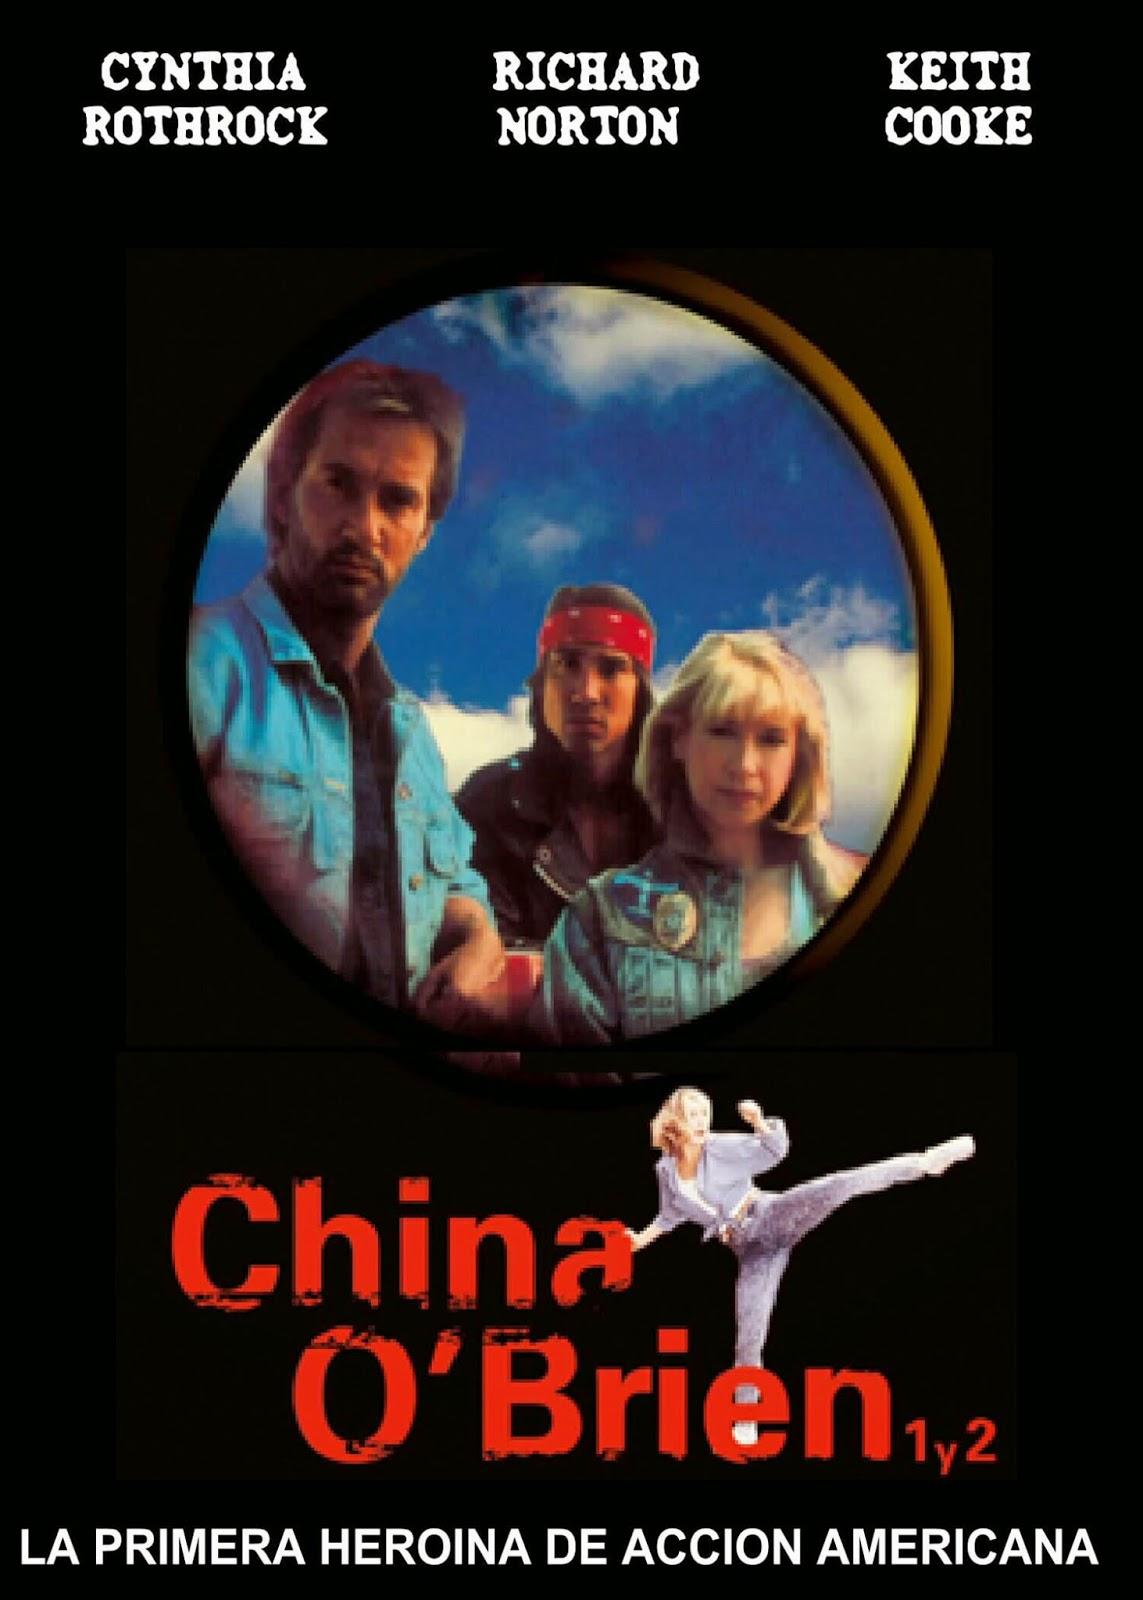 China O'Brien 1 y 2 (1990)